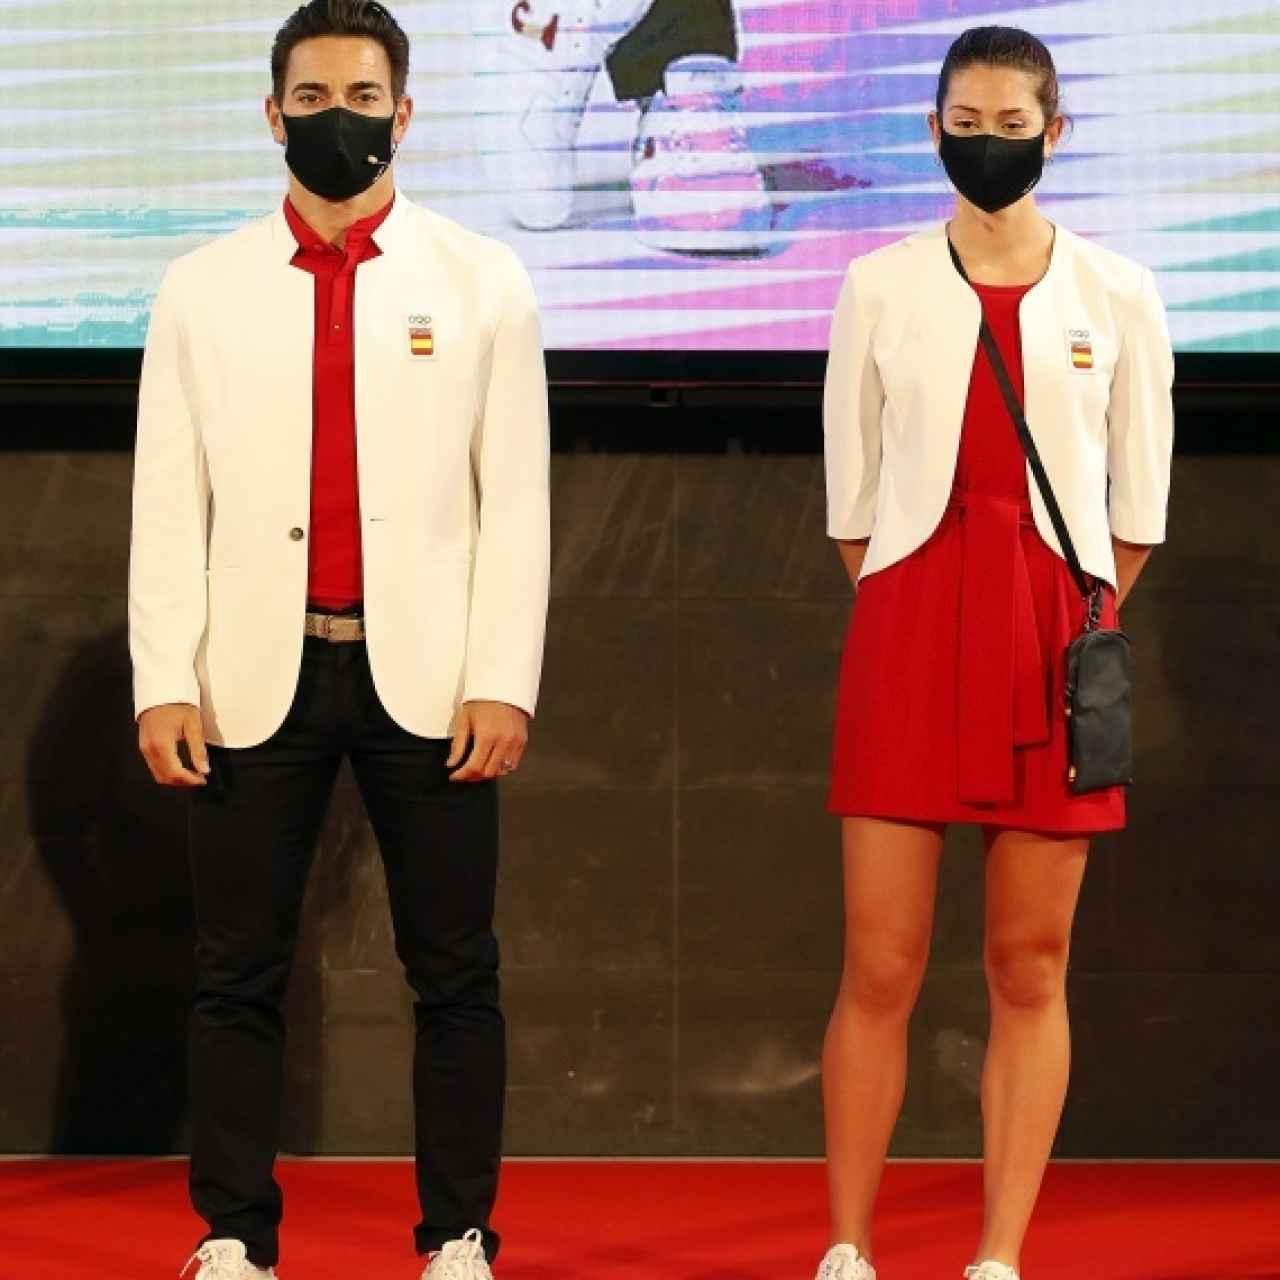 Los trajes de los deportistas españoles para los desfiles en los Juegos Olímpicos de Tokio